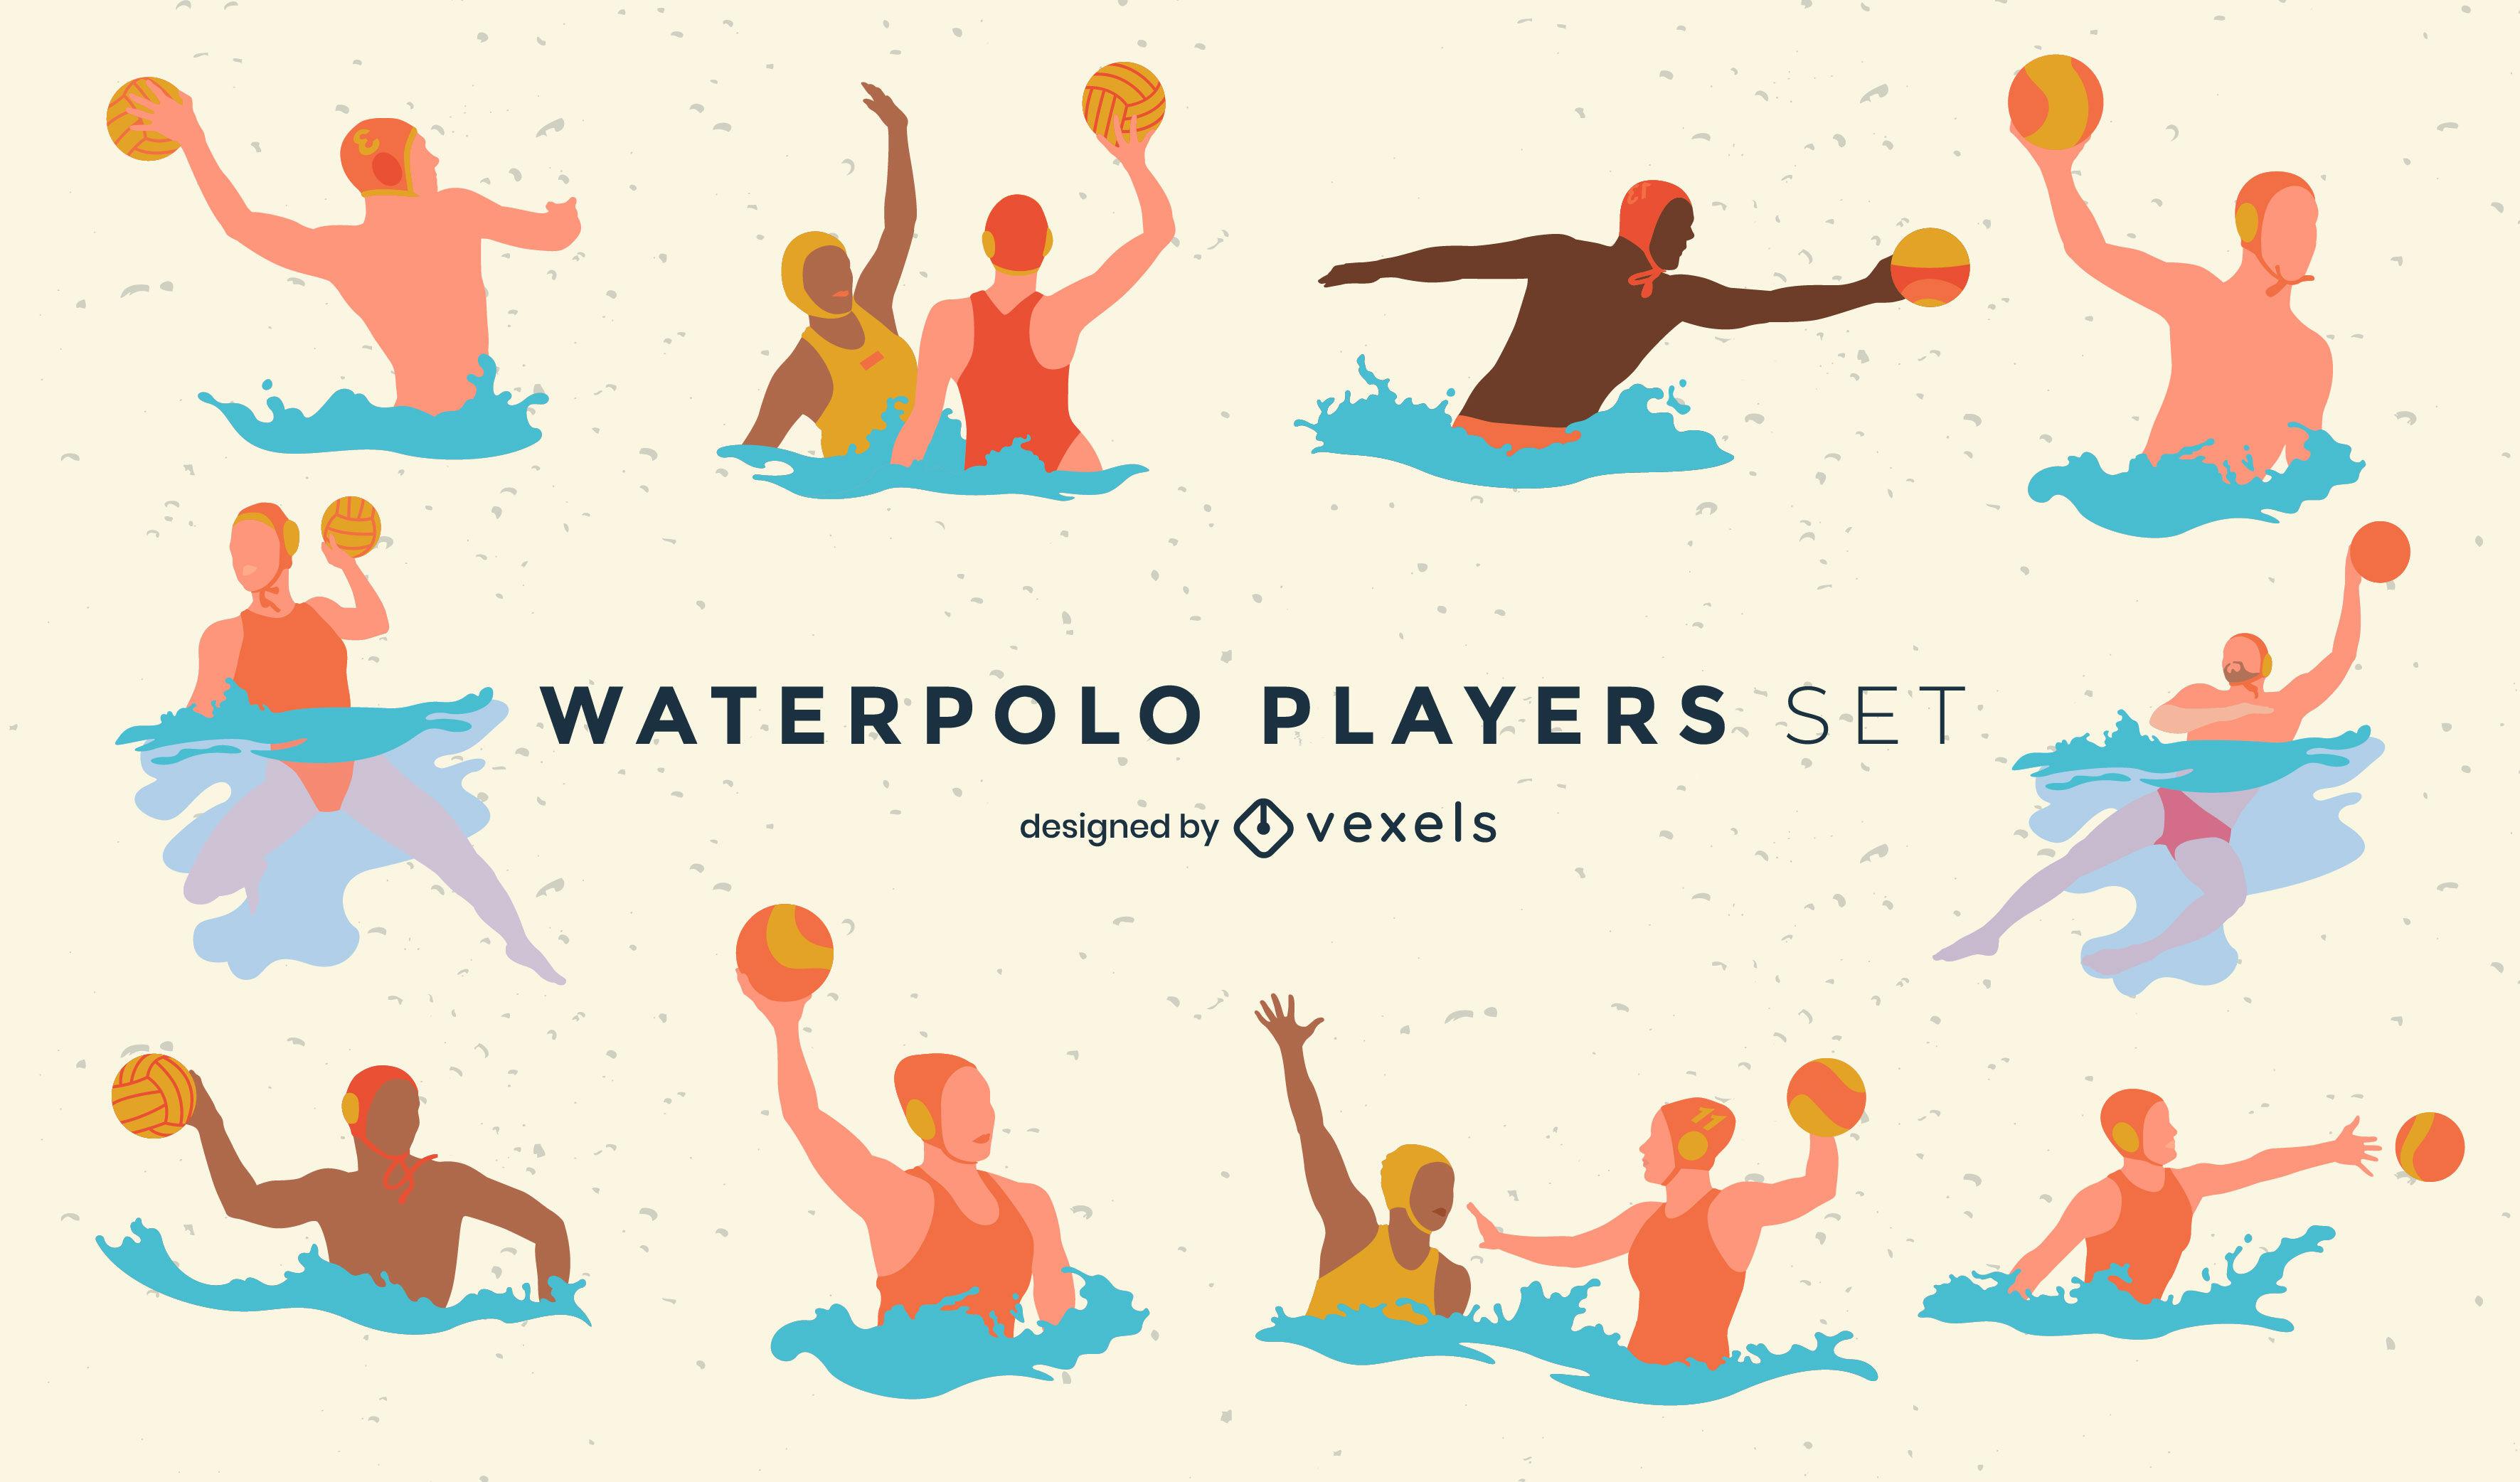 Juego de deportes acuáticos para jugadores de juego de waterpolo